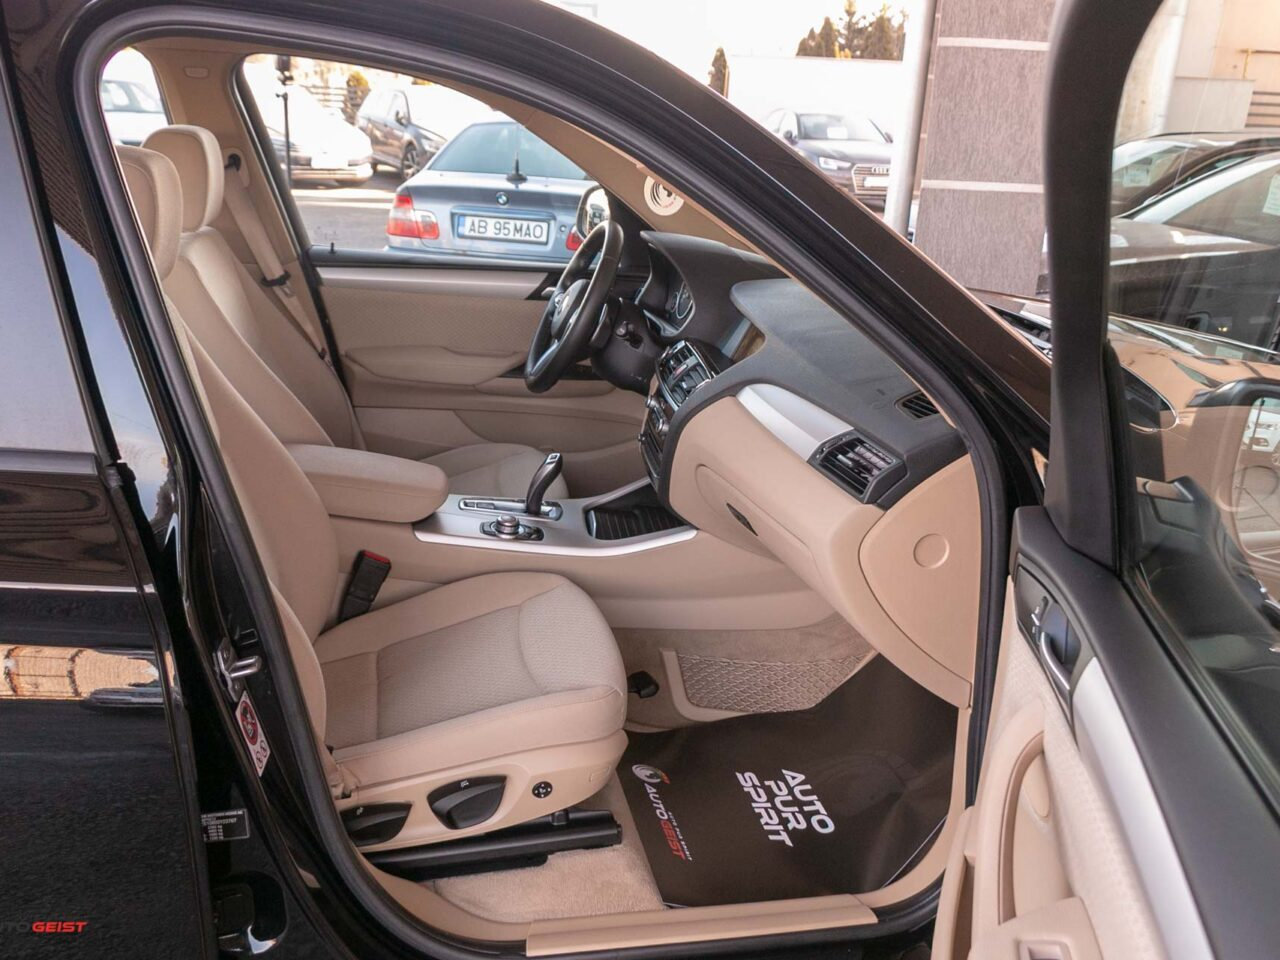 BMW-X3-xDrive-automata-3406